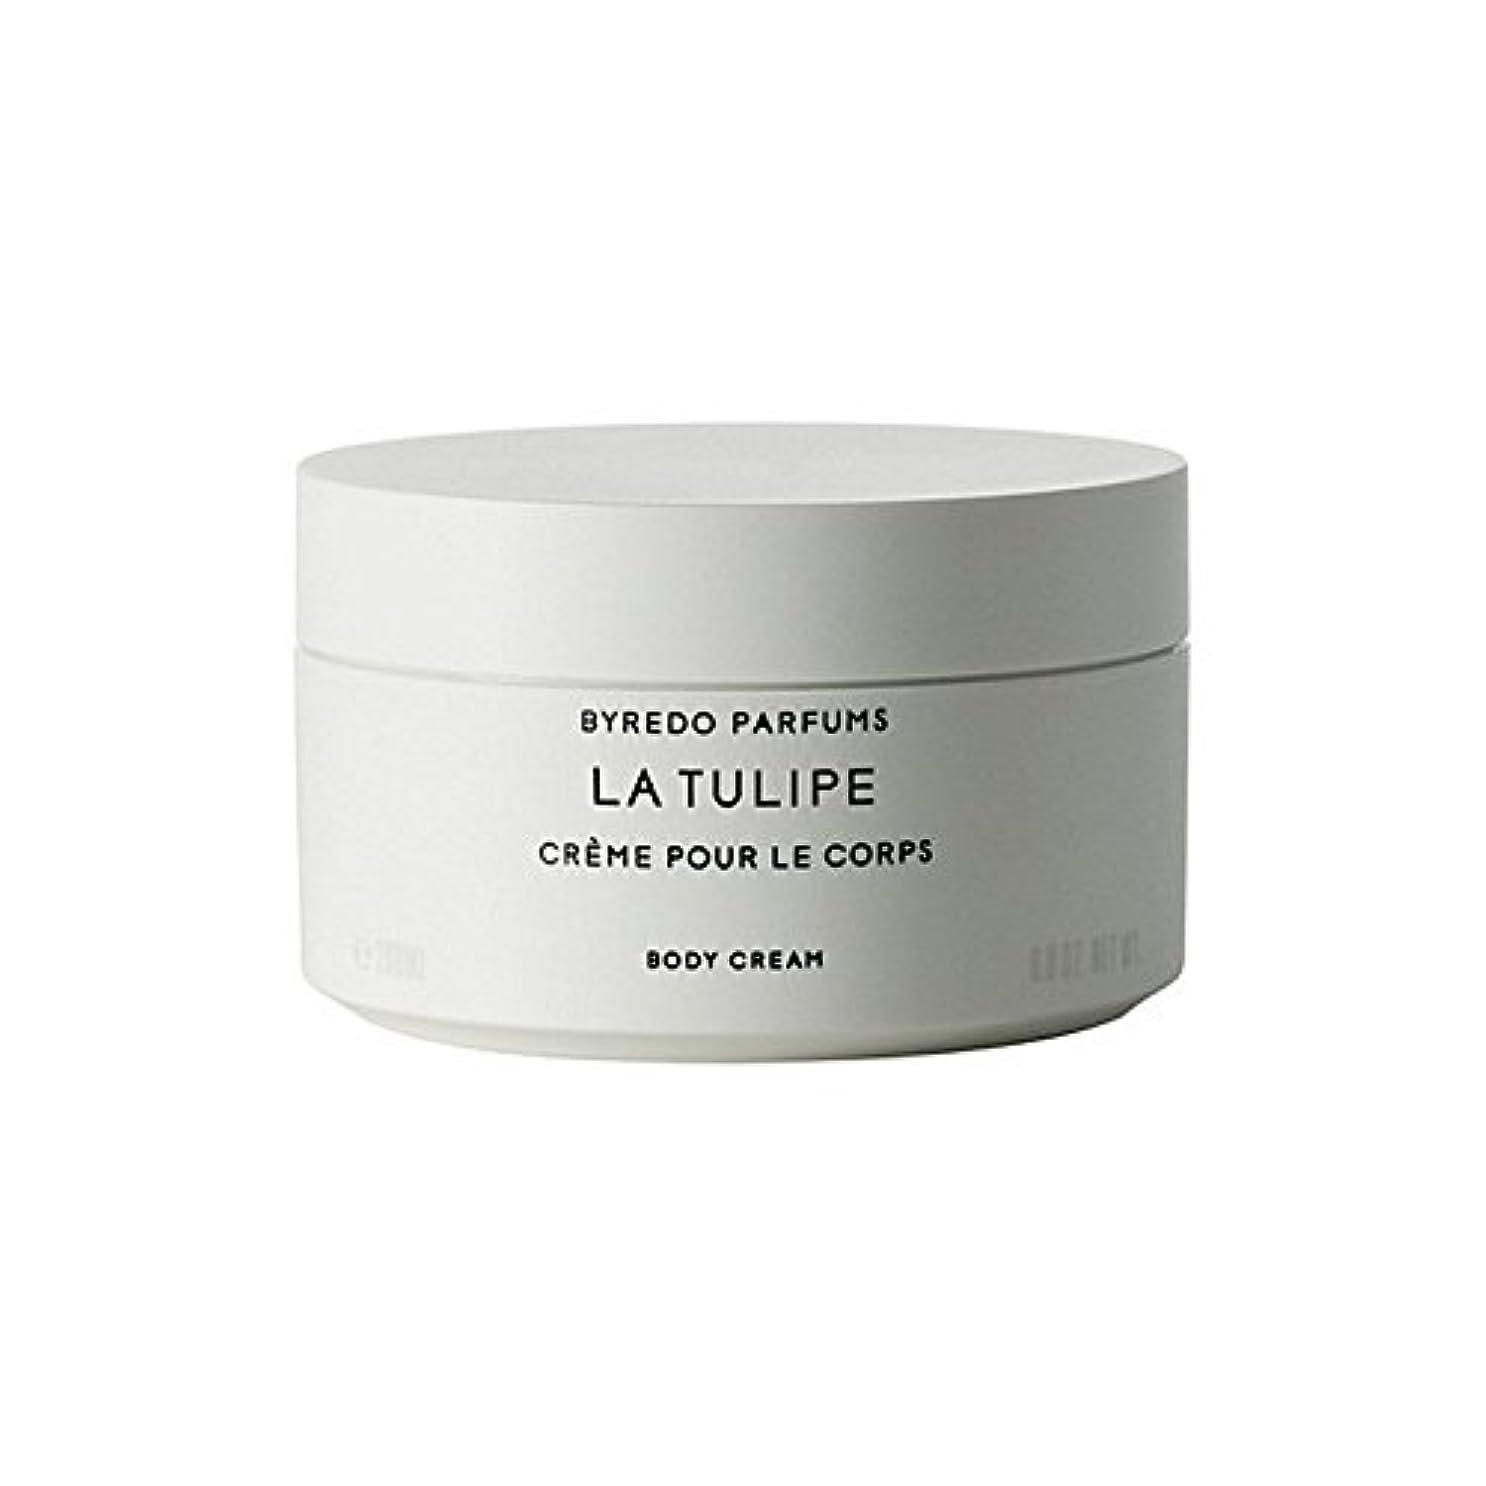 ヒープオフェンススリーブラチューリップボディクリーム200ミリリットル x2 - Byredo La Tulipe Body Cream 200ml (Pack of 2) [並行輸入品]